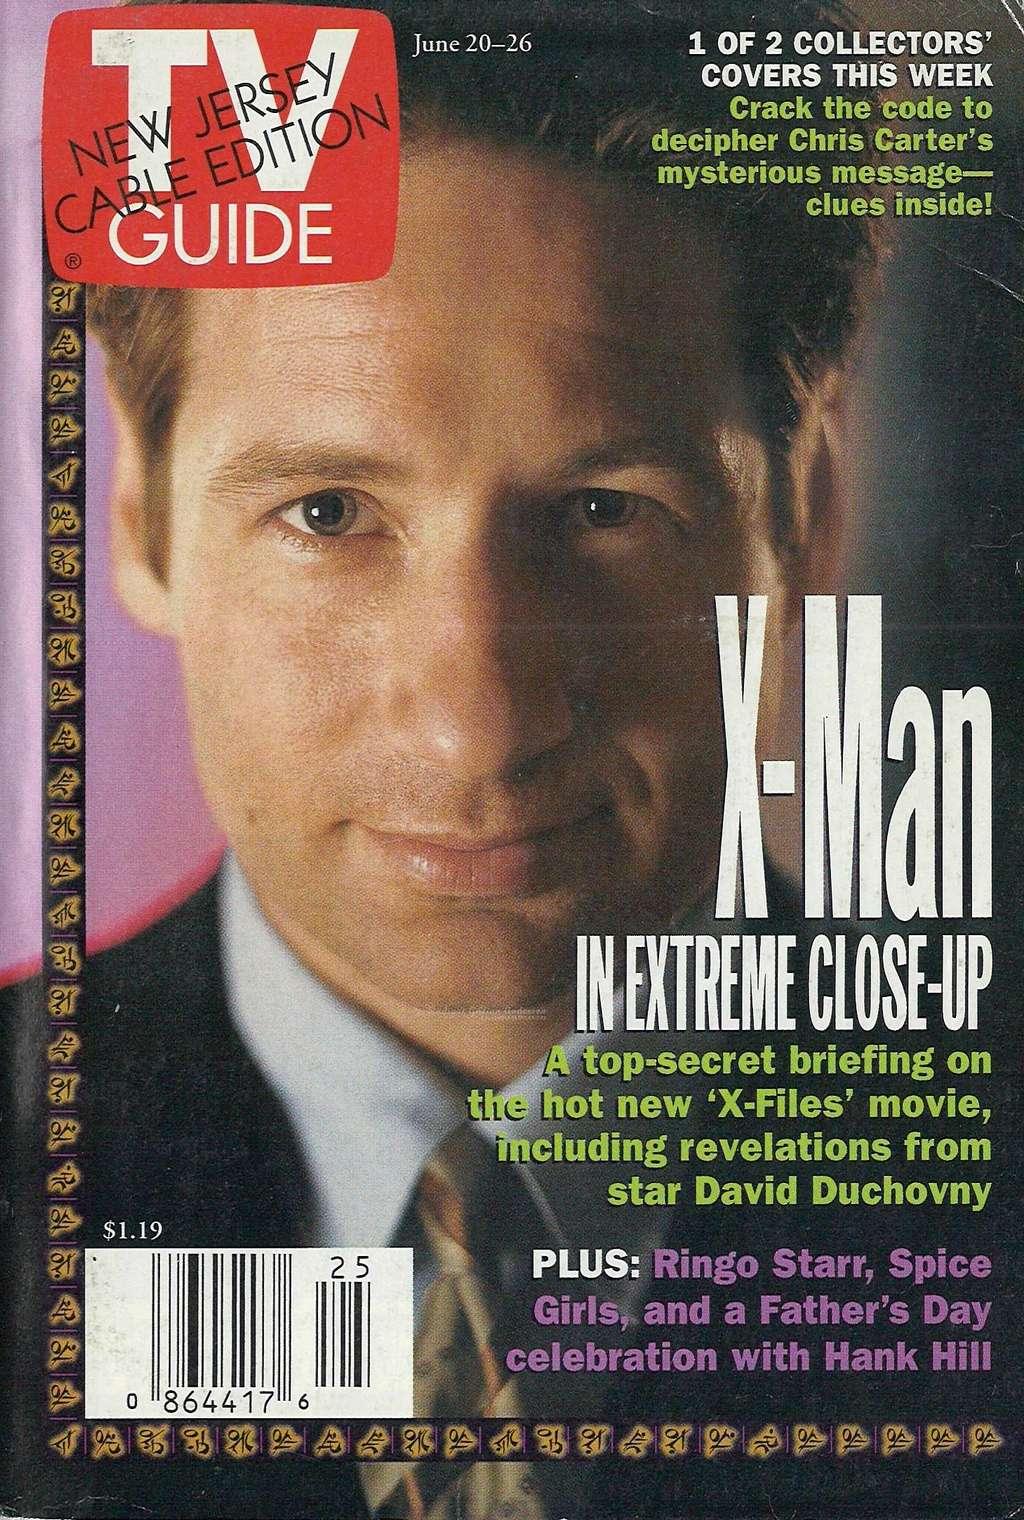 TV Guide (US) - June 20-26 00117